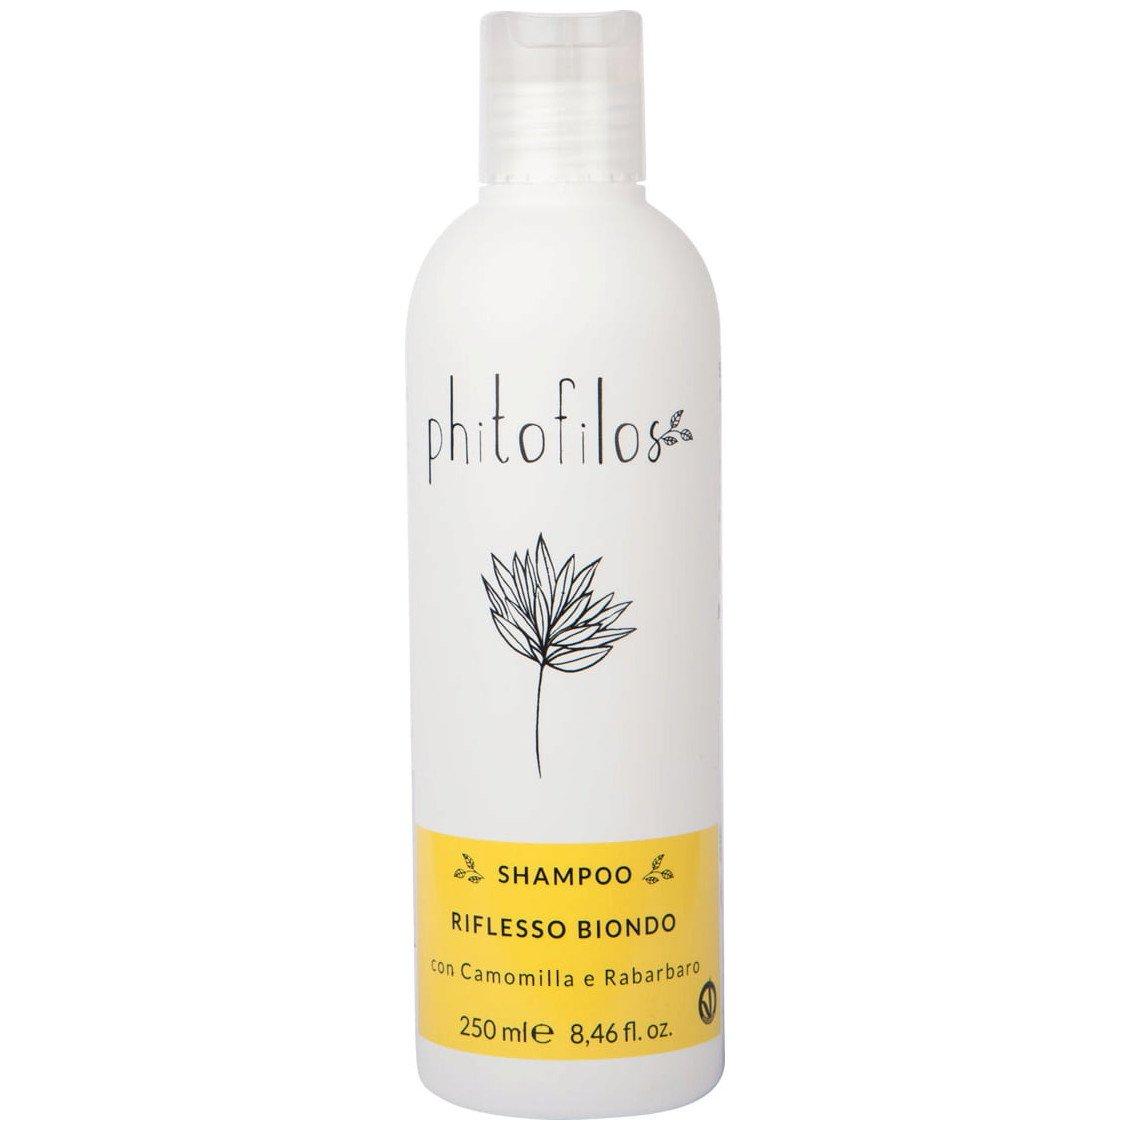 Shampoo Riflesso Biondo con Camomilla e Rabarbaro BioVegan